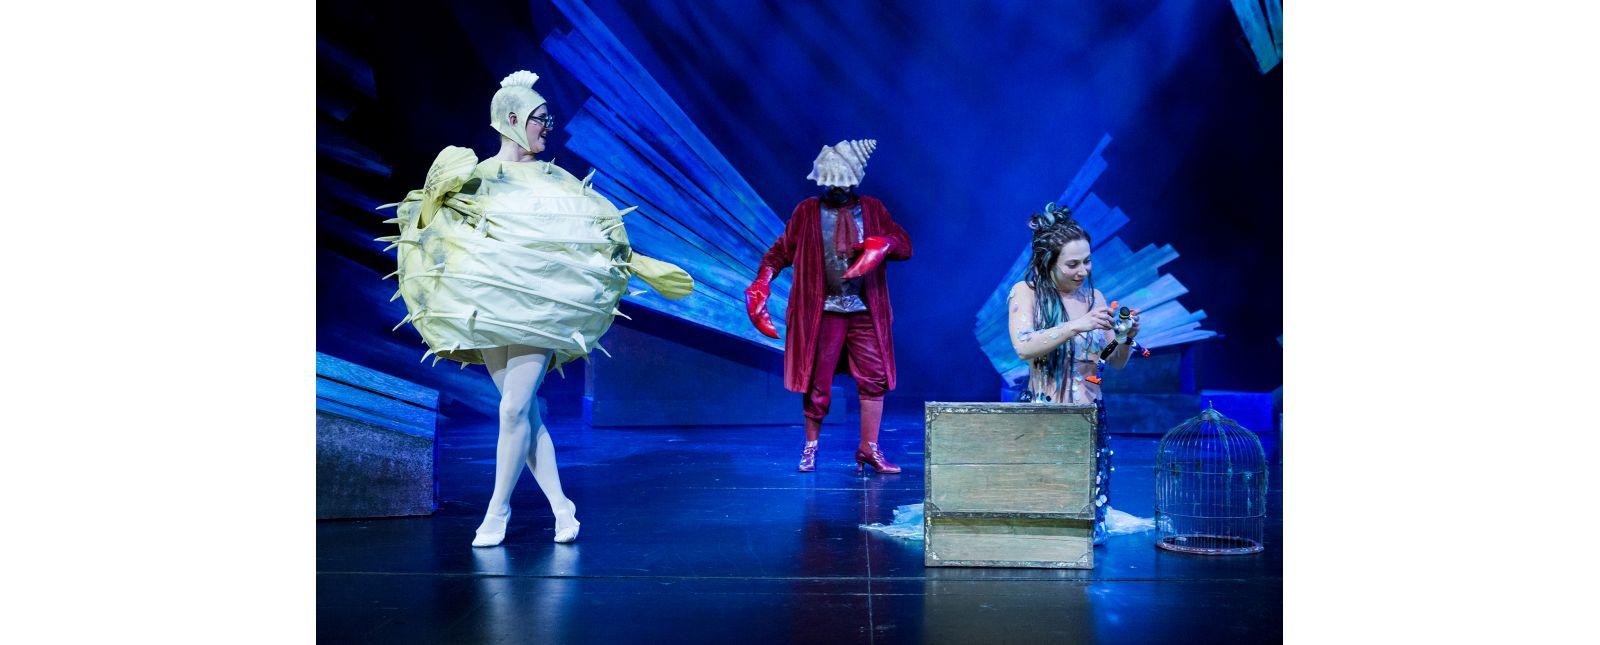 Die kleine Meerjungfrau // Marieke Kregel // Lou Elias Bihler // Lara Haucke // 2018 // Rainer Muranyi